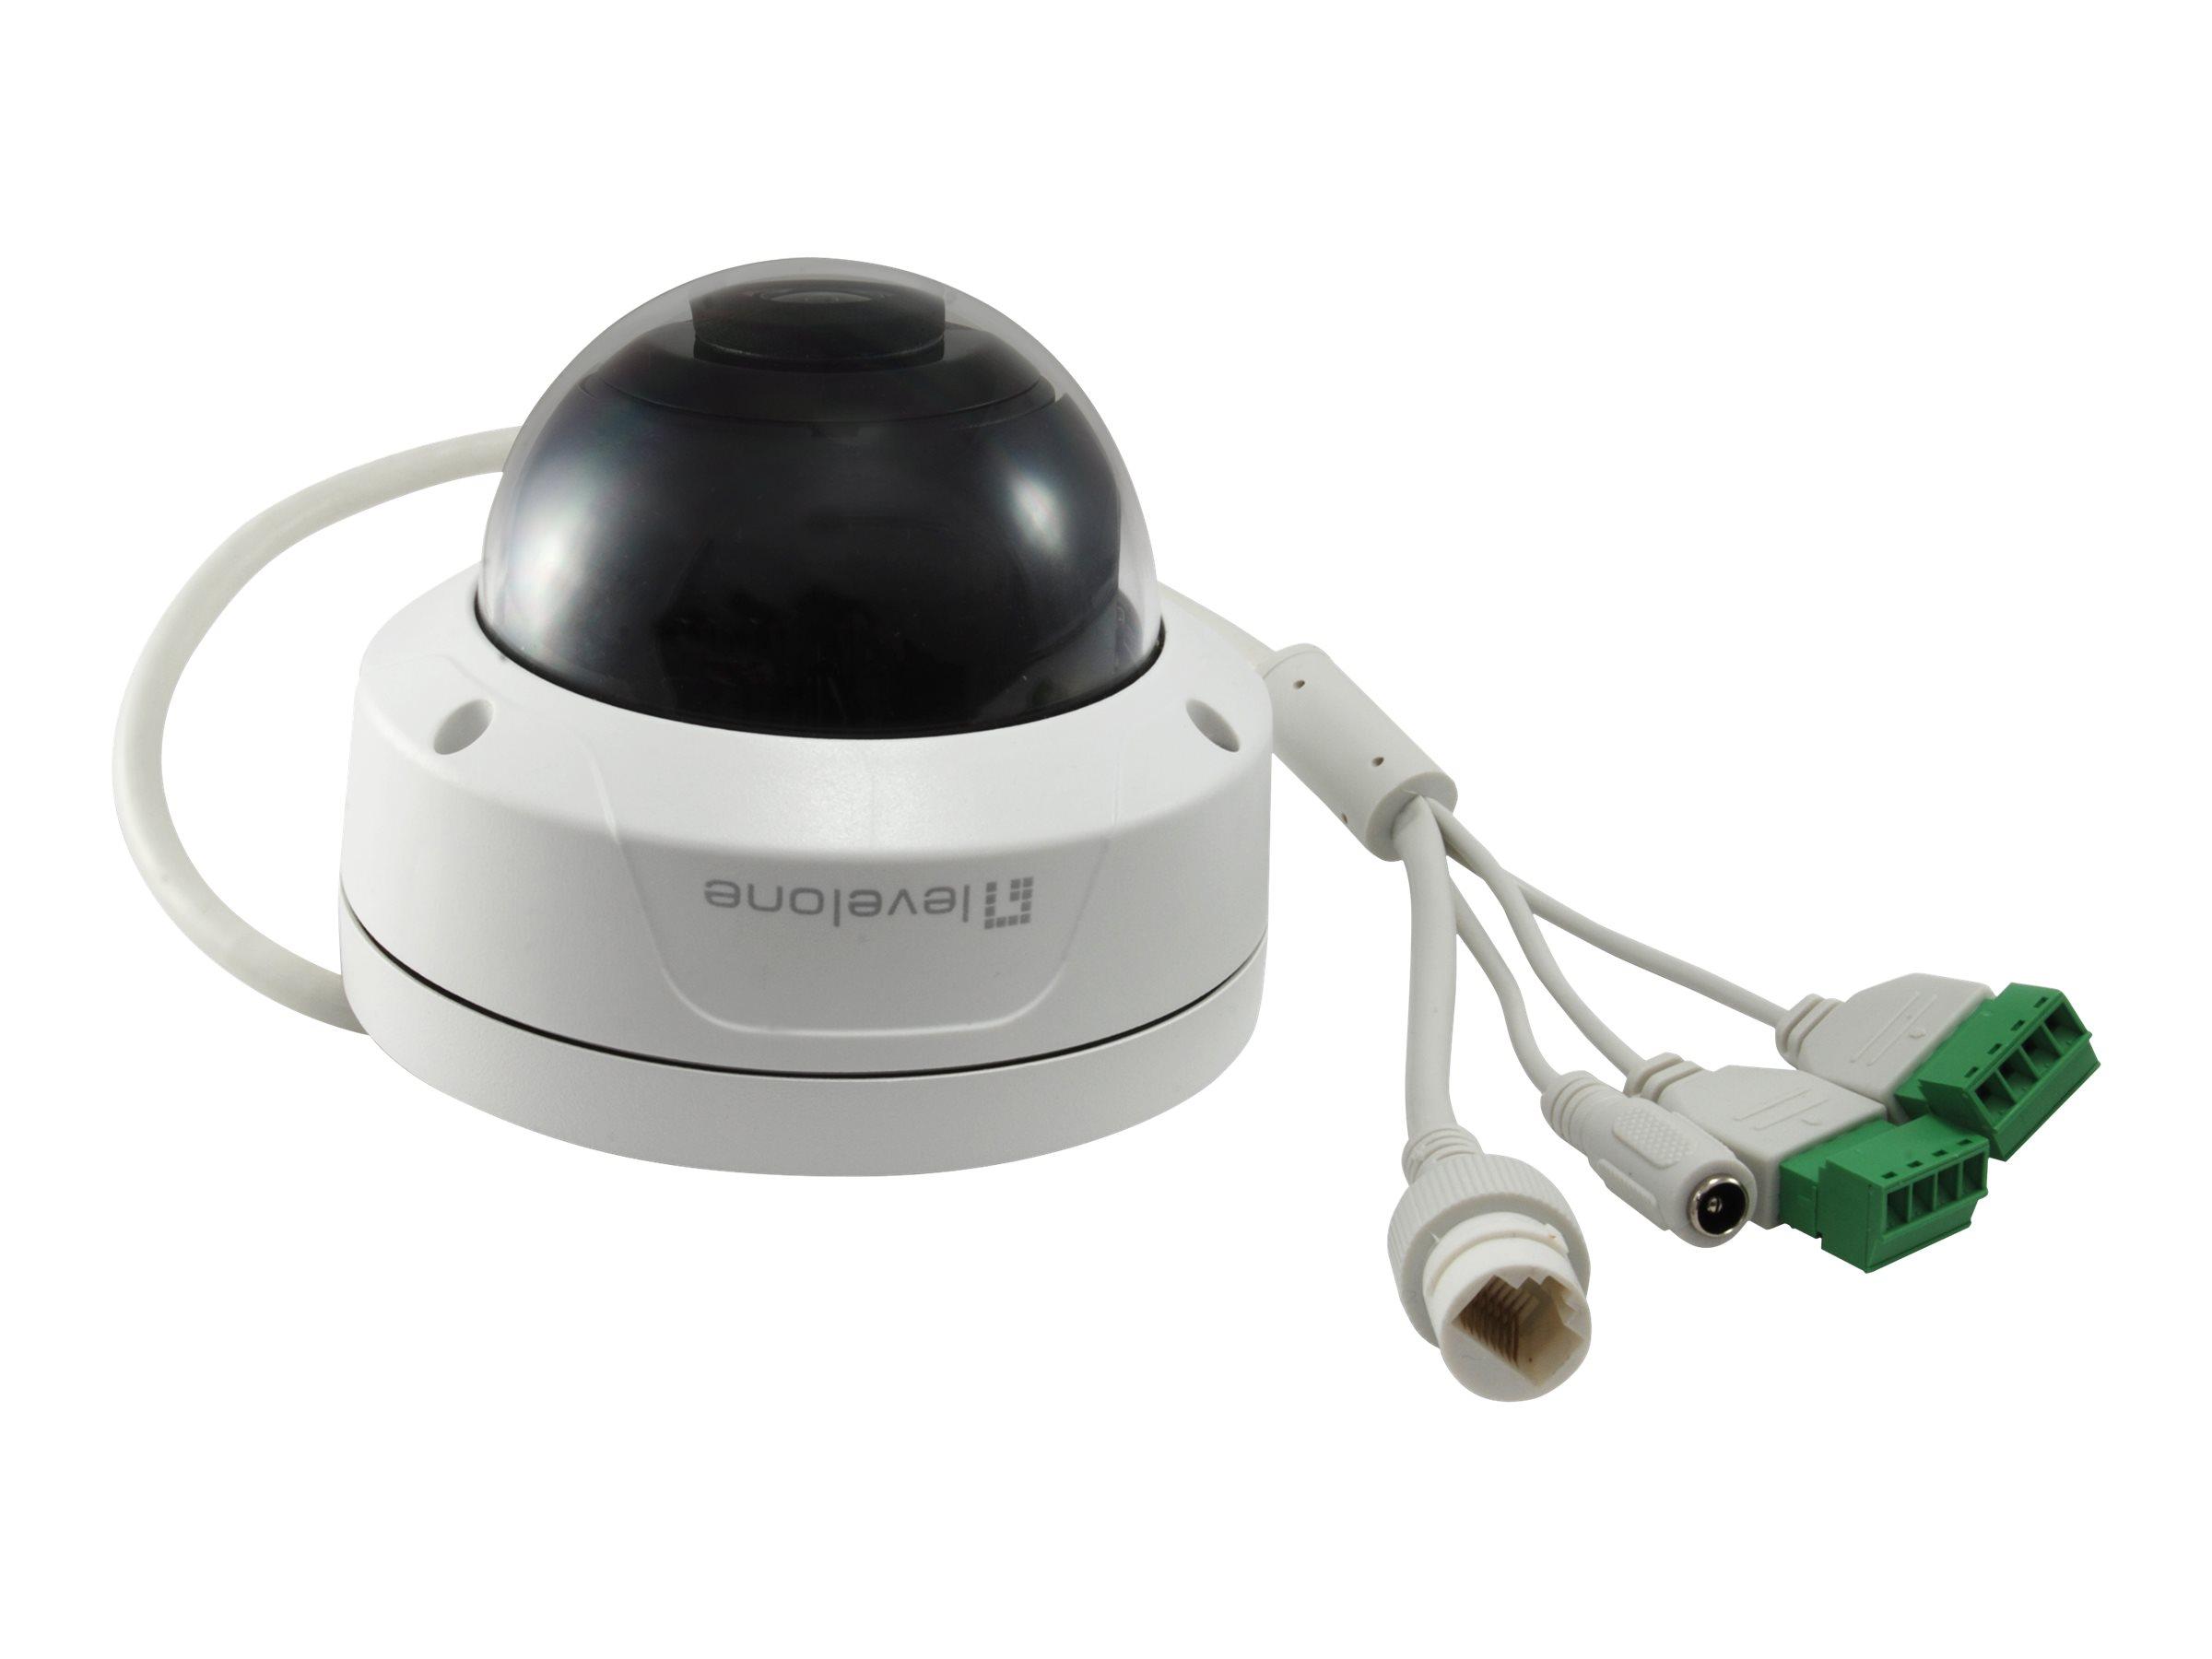 LevelOne FCS-3090 - Netzwerk-Überwachungskamera - Kuppel - Außenbereich - Vandalismussicher / Wetterbeständig - Farbe (Tag&Nacht)